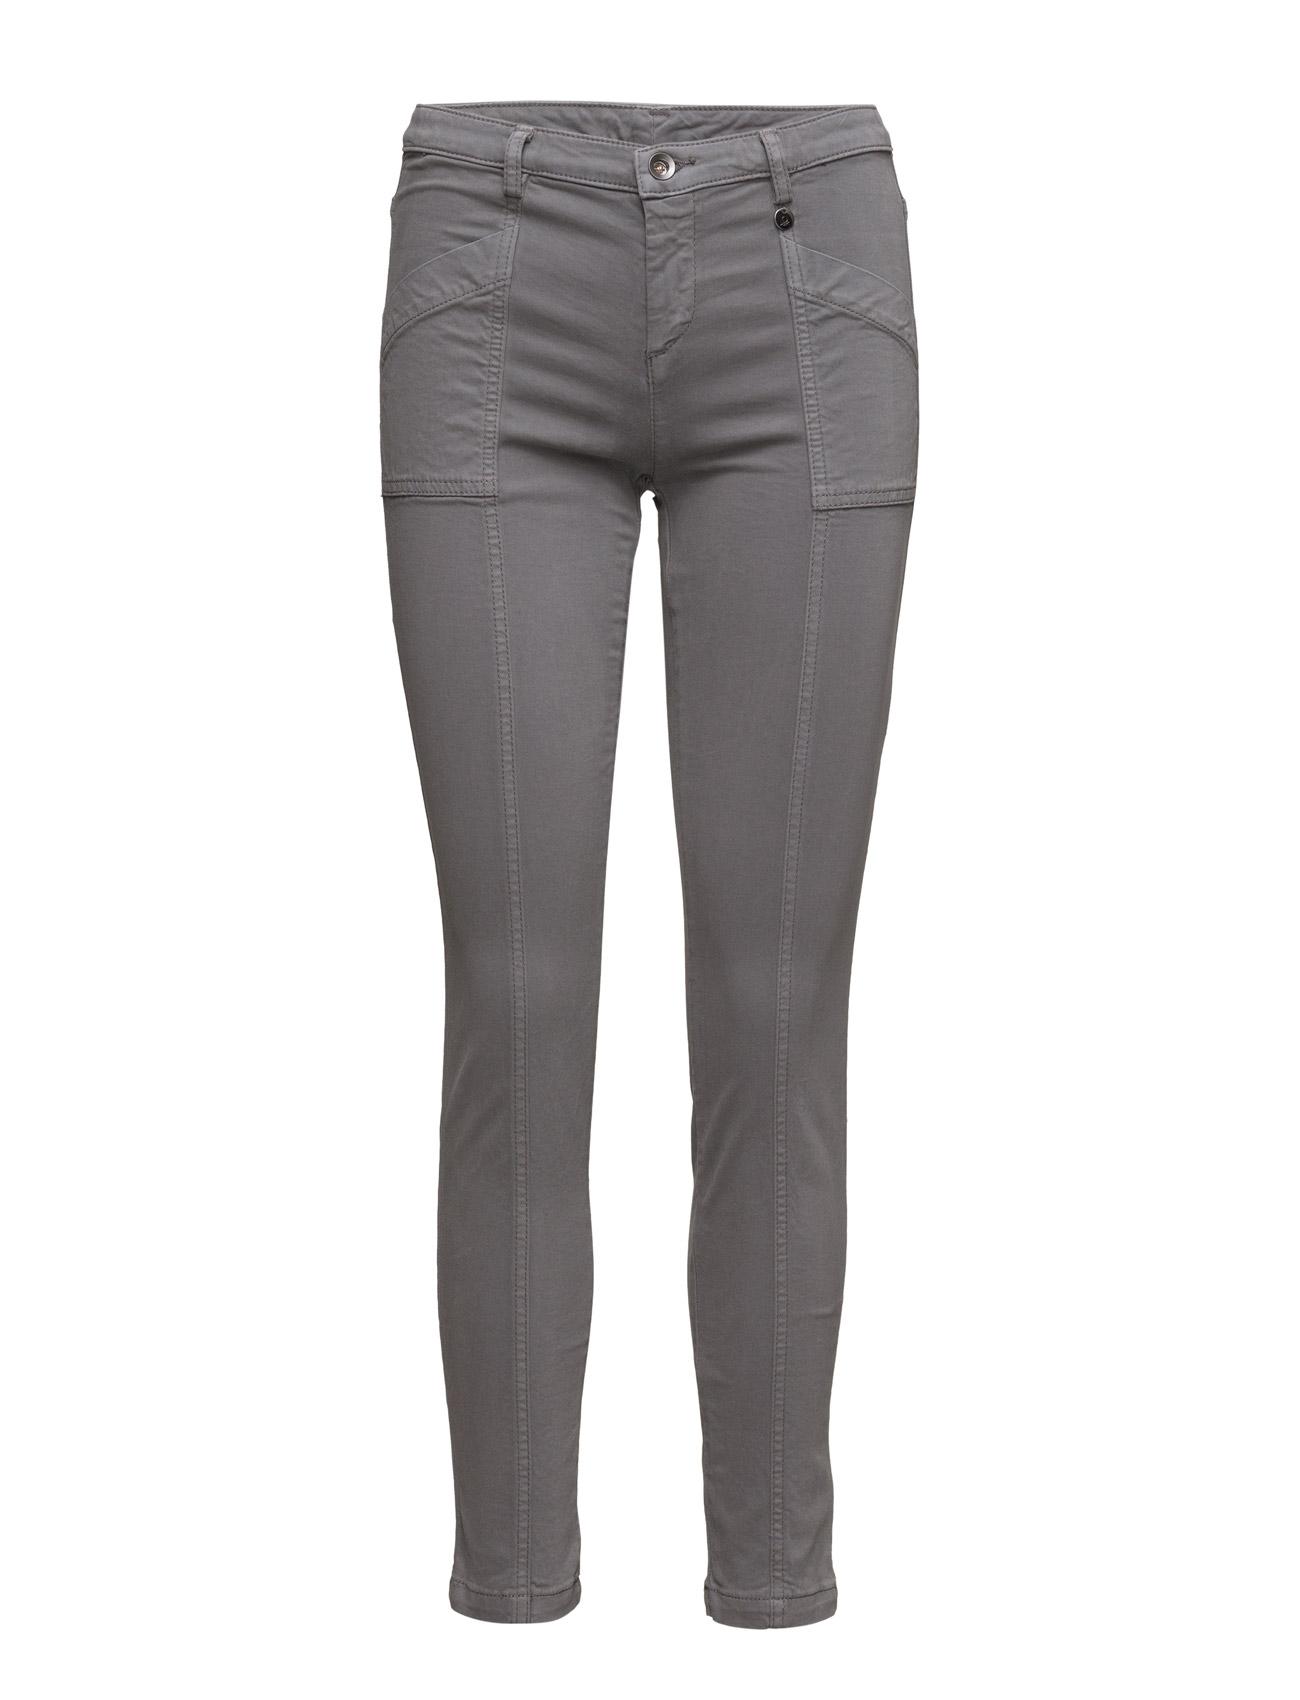 Trousers United Colors of Benetton Skinny til Damer i